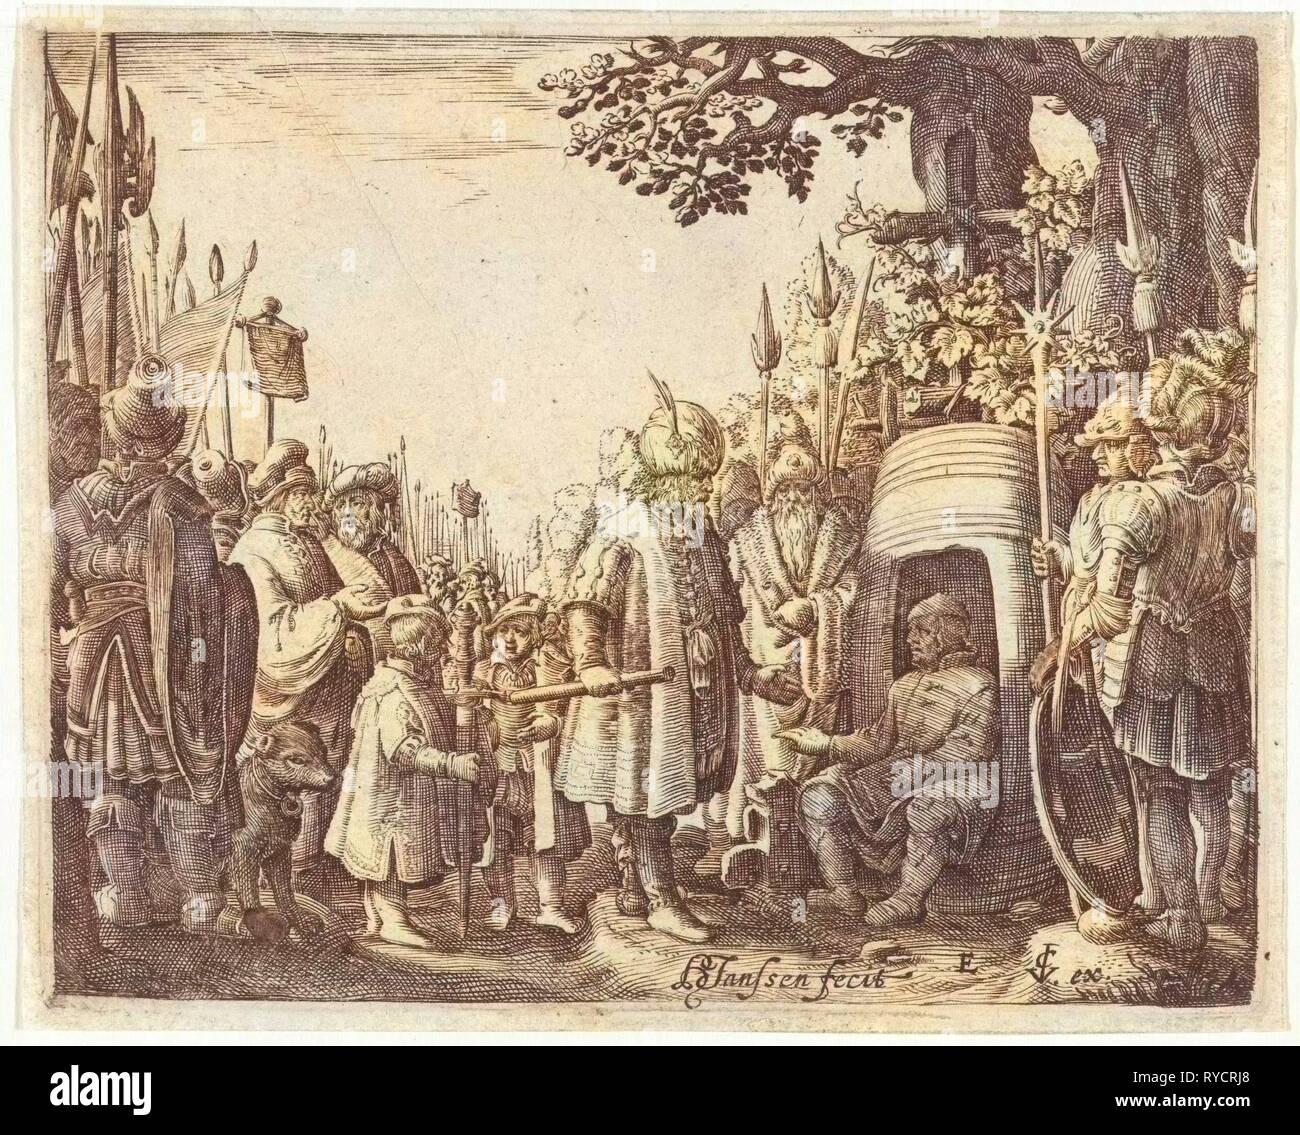 Alexander the Great and Diogenes, Hans Janssen, Claes Jansz. Visscher (II), 1615 - 1651 - Stock Image